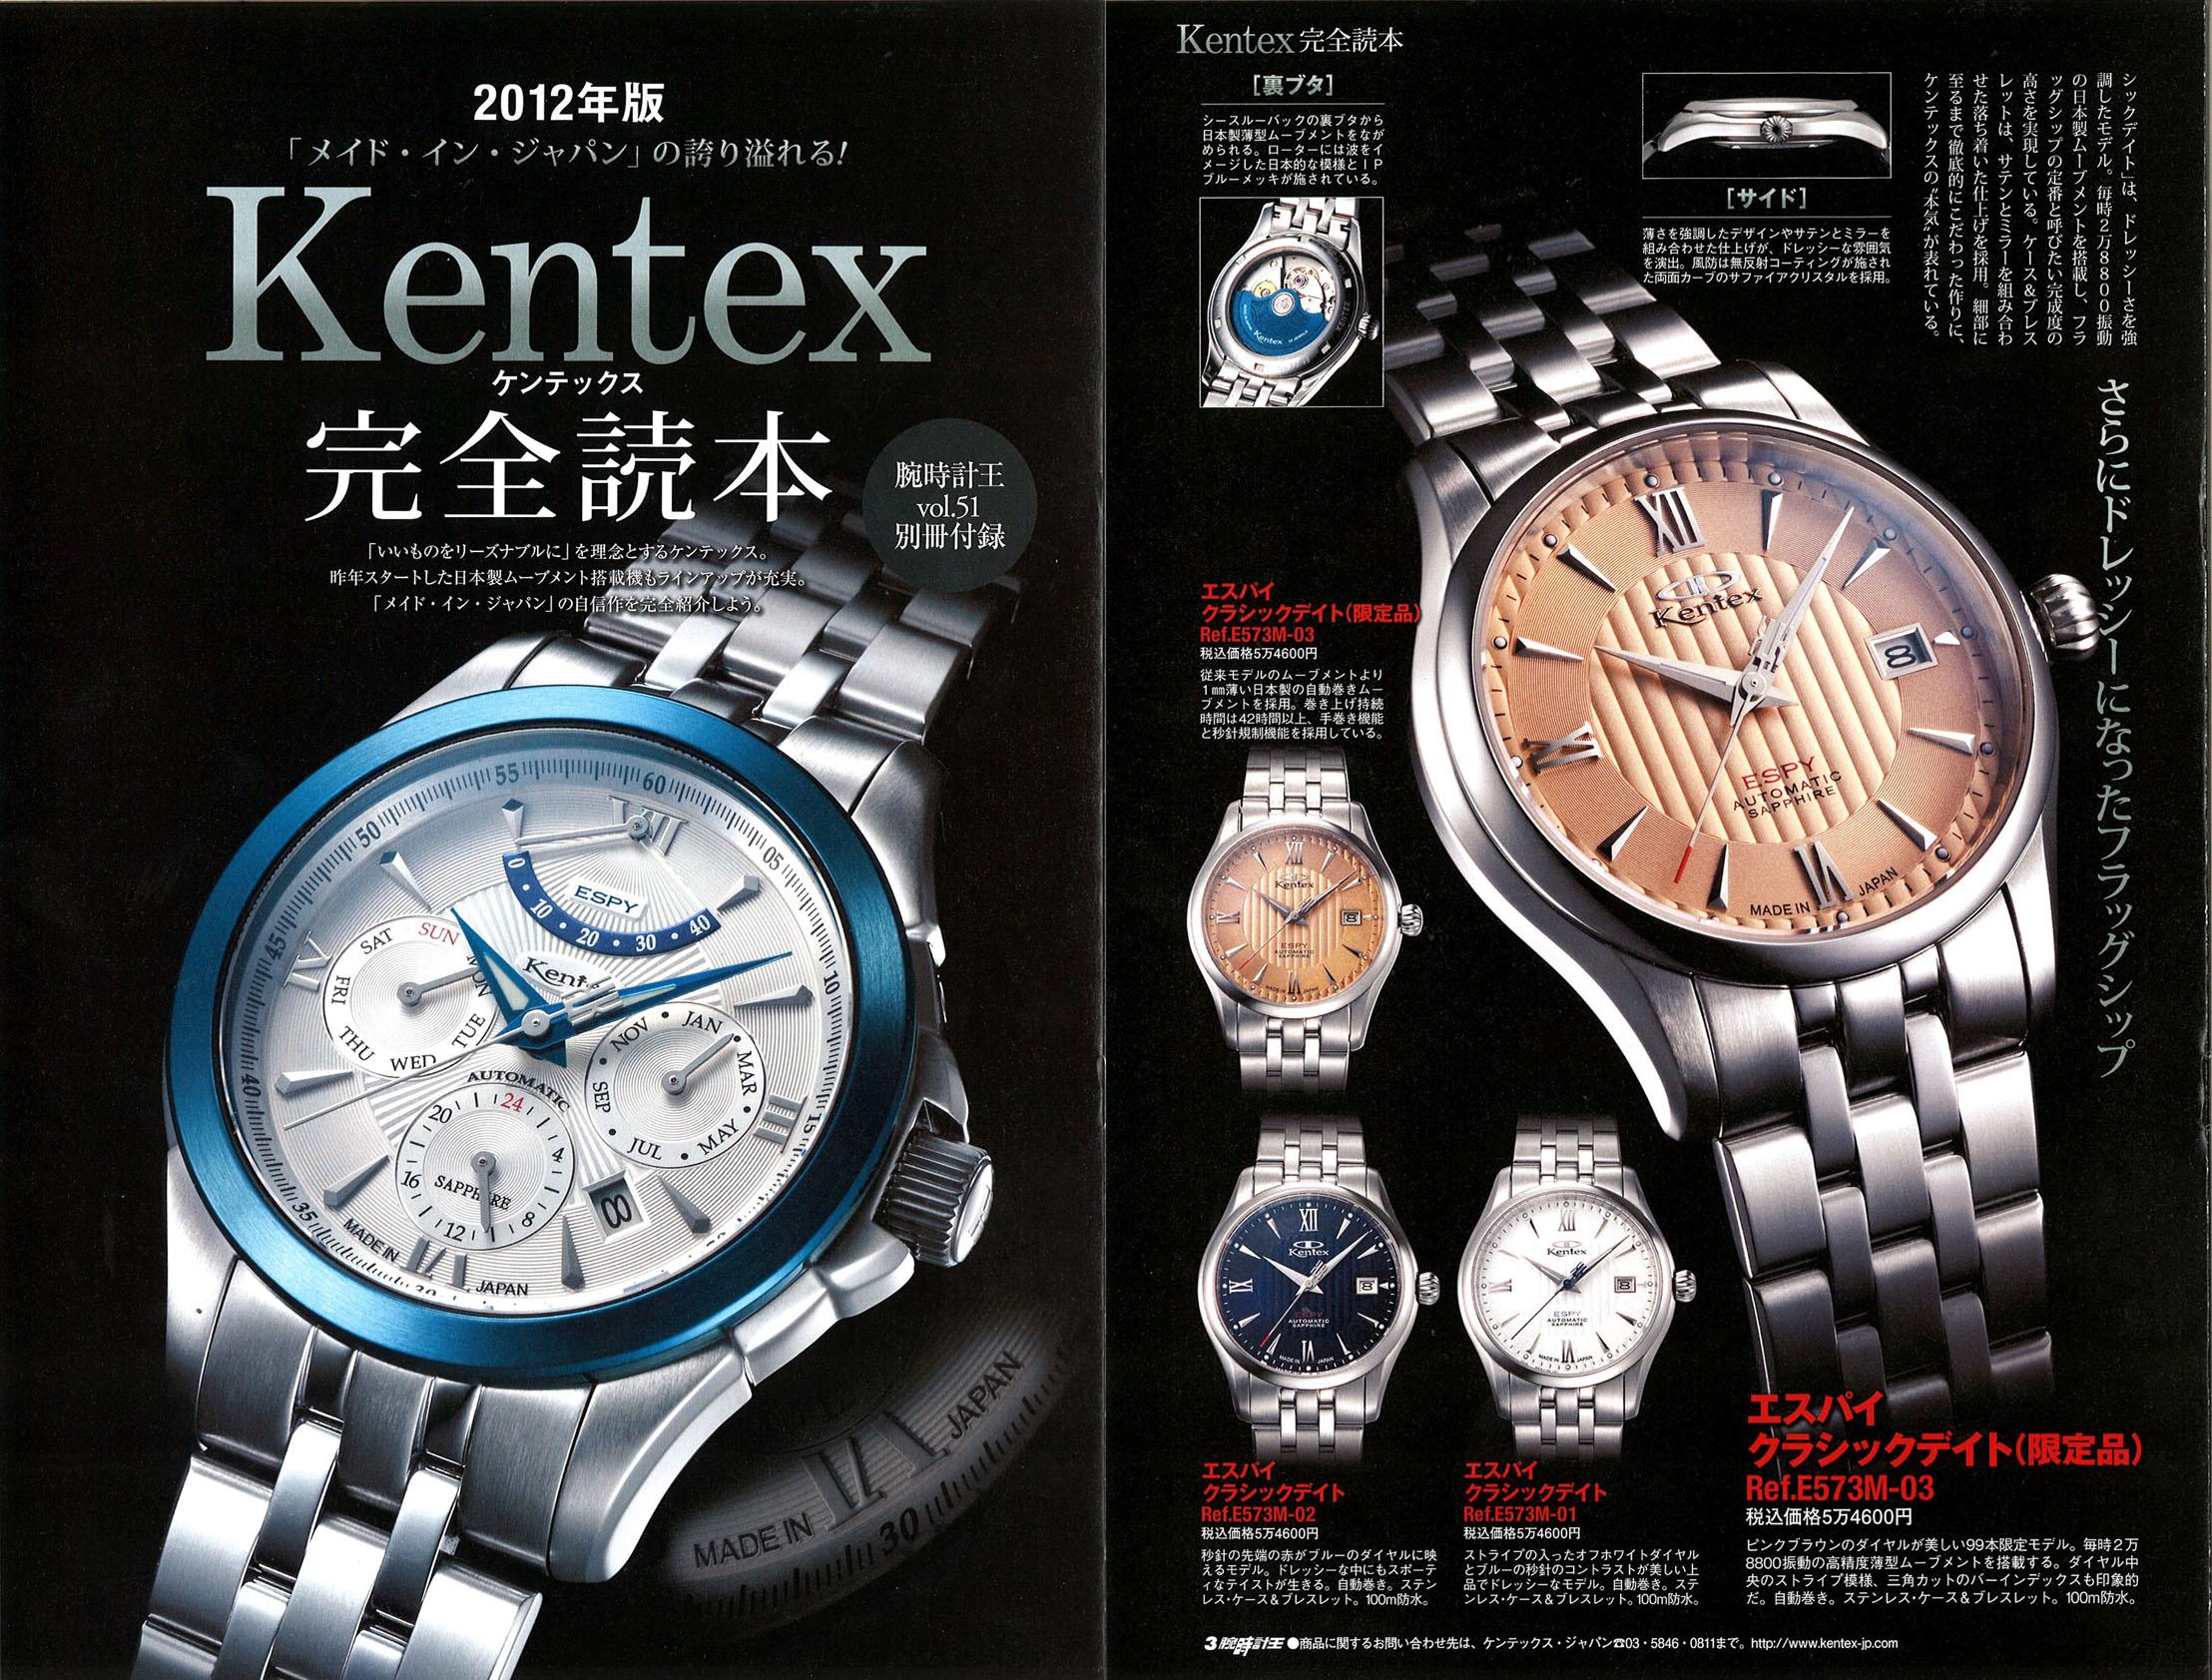 KENTEX完全読本E573Mタイアップ